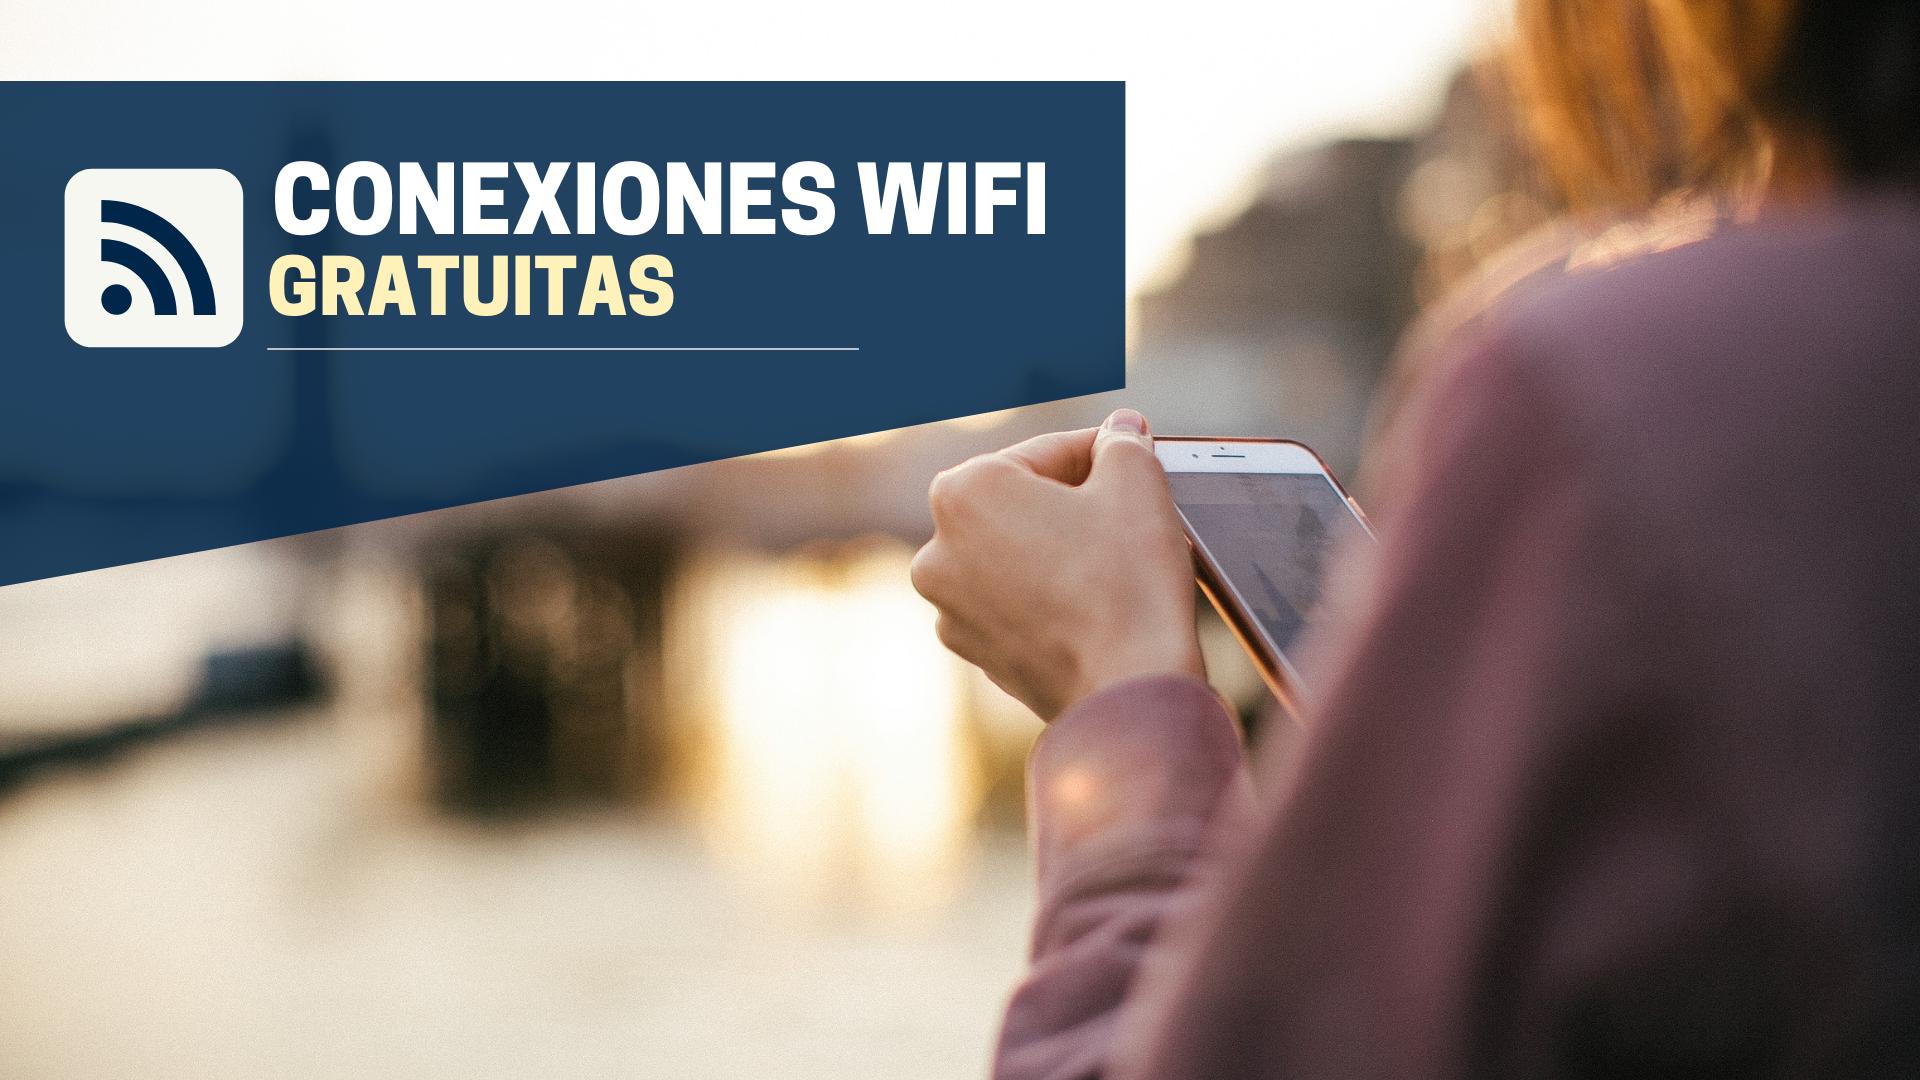 Conexiones wi-fi gratuitas